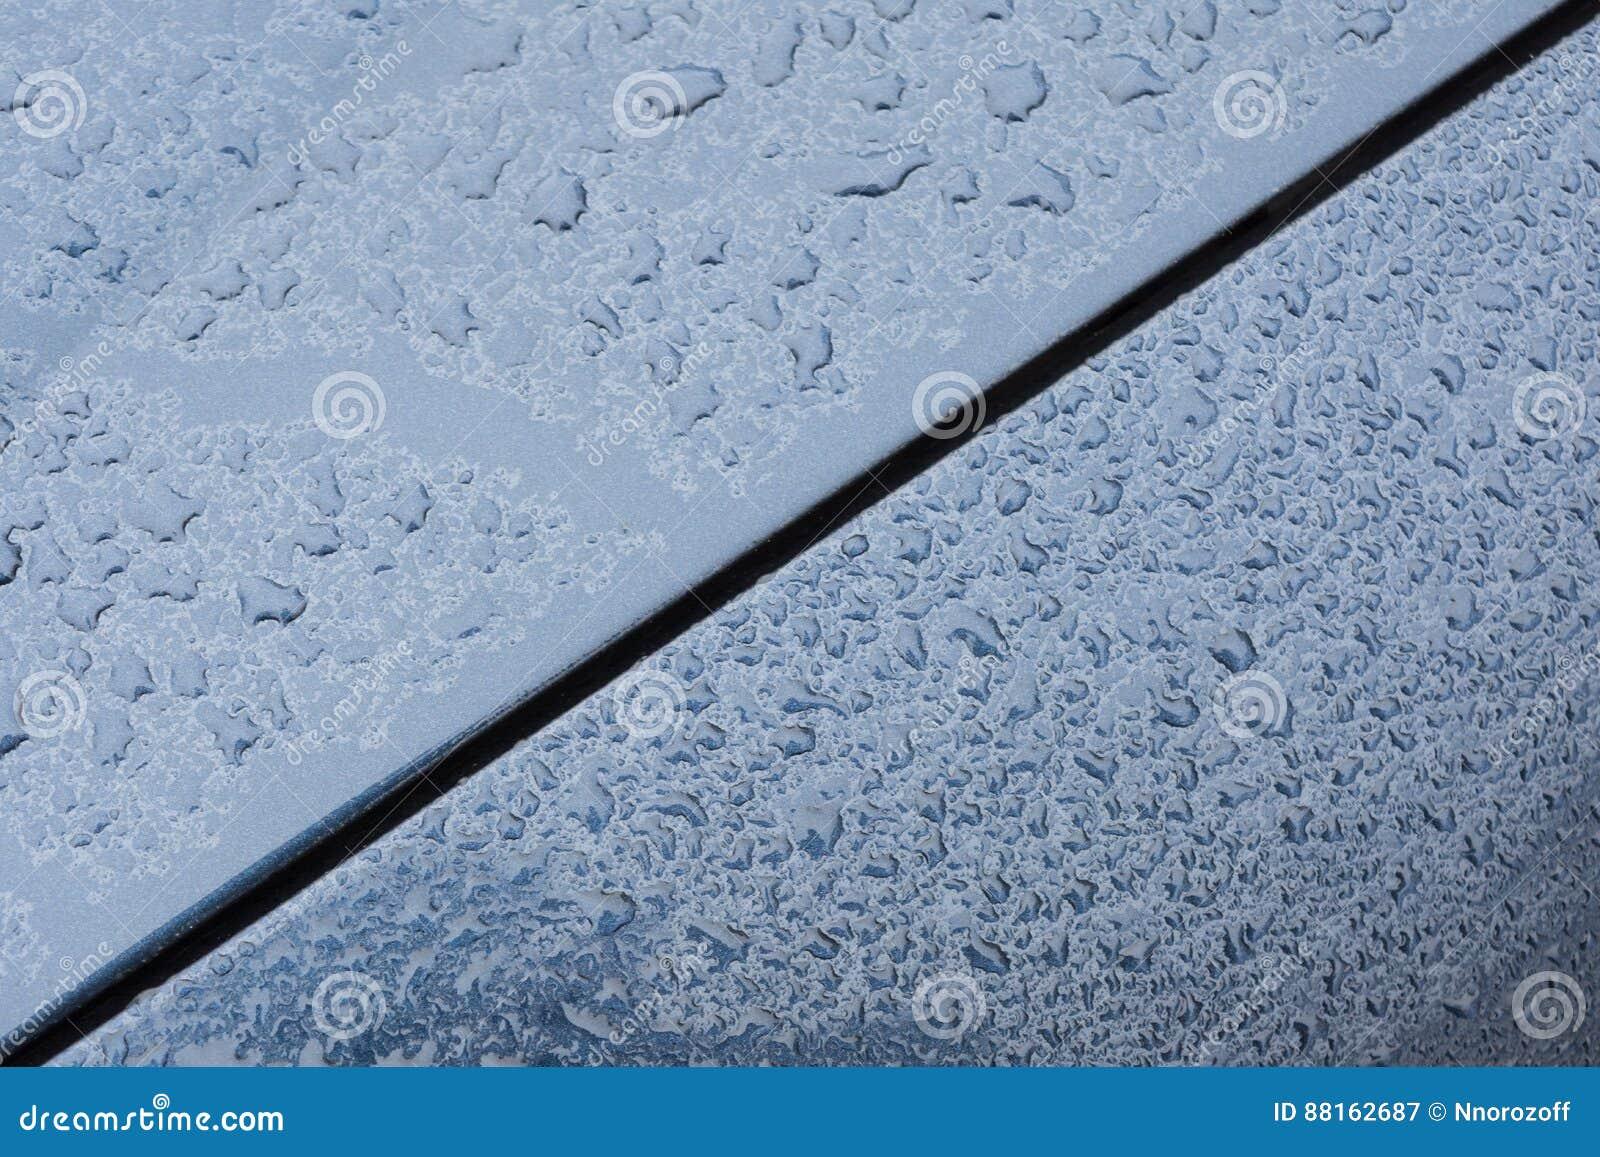 Grote dalingen van regen op de kap van een auto, verftextuur van een blauwe metaalverf